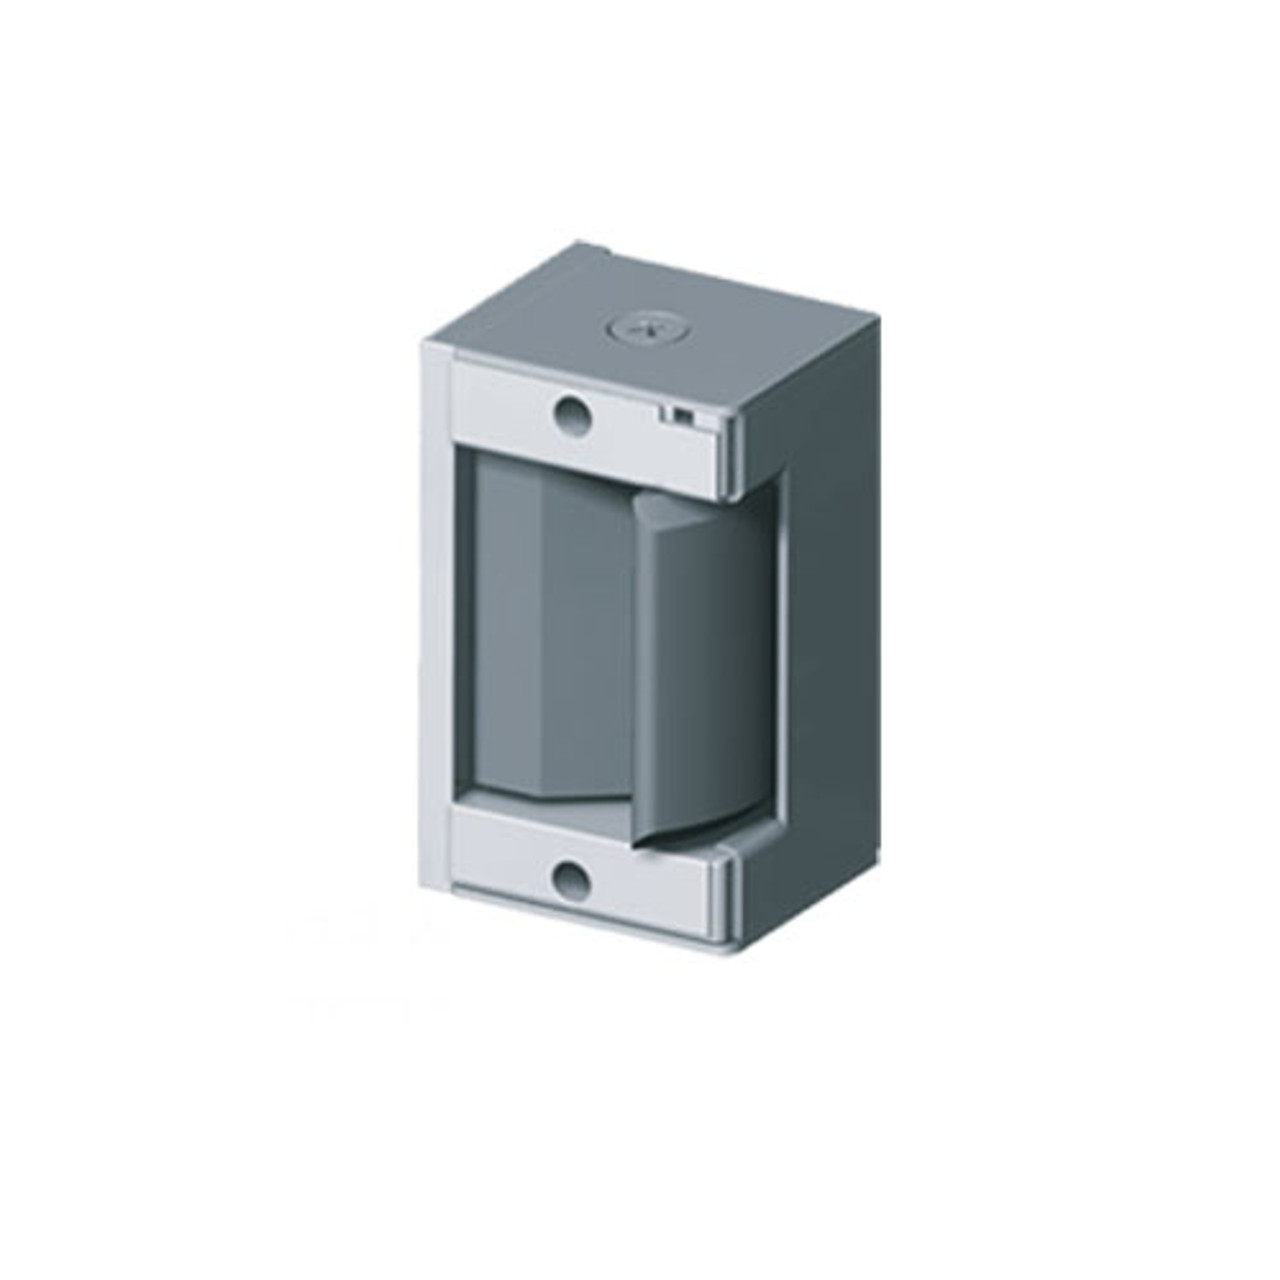 3012 Trine Access Technology 3000 Series Mechanism